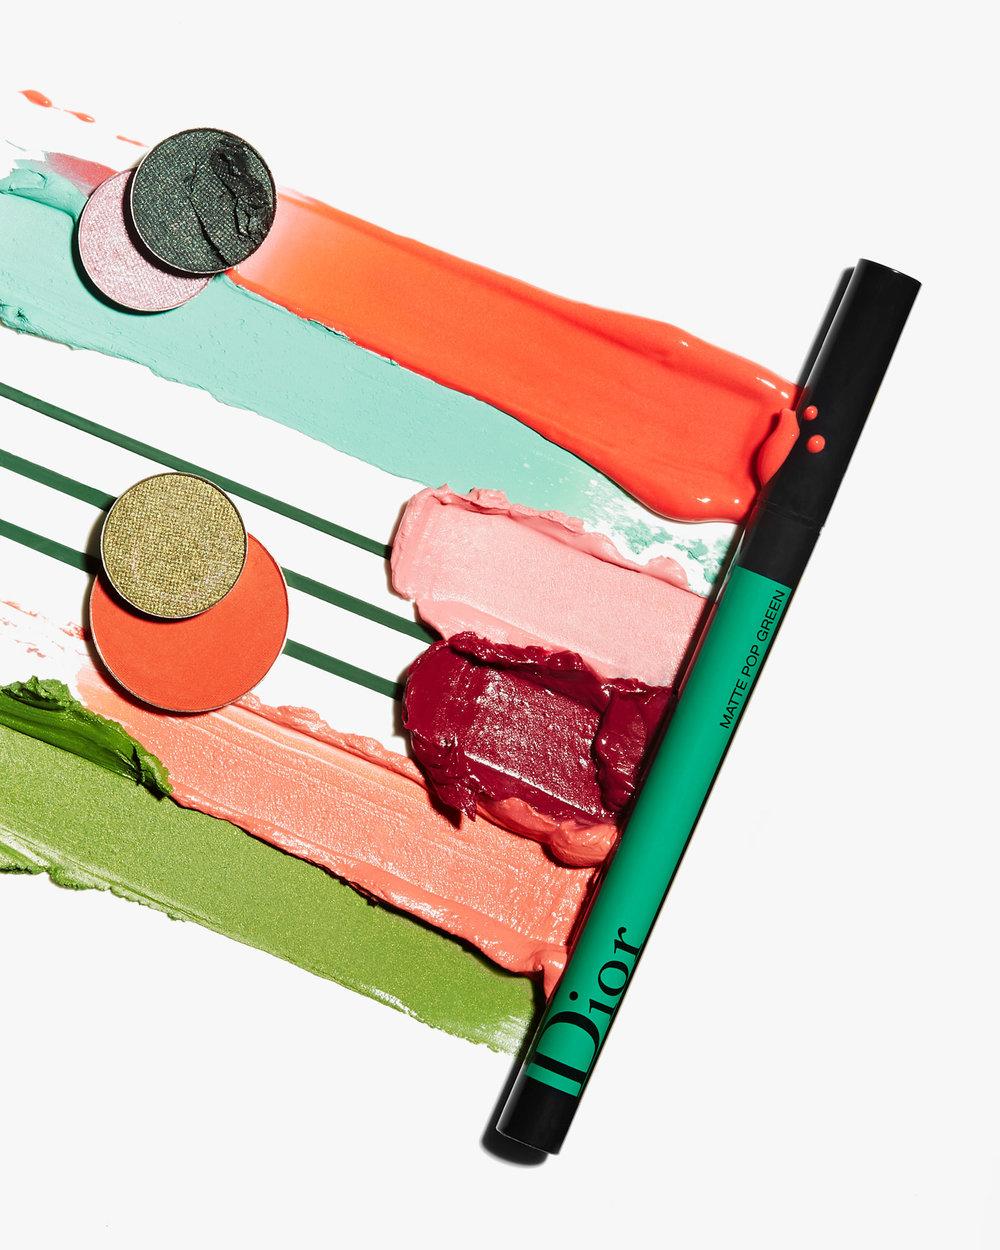 KaylanGies_Naomi_Dior copy.jpg